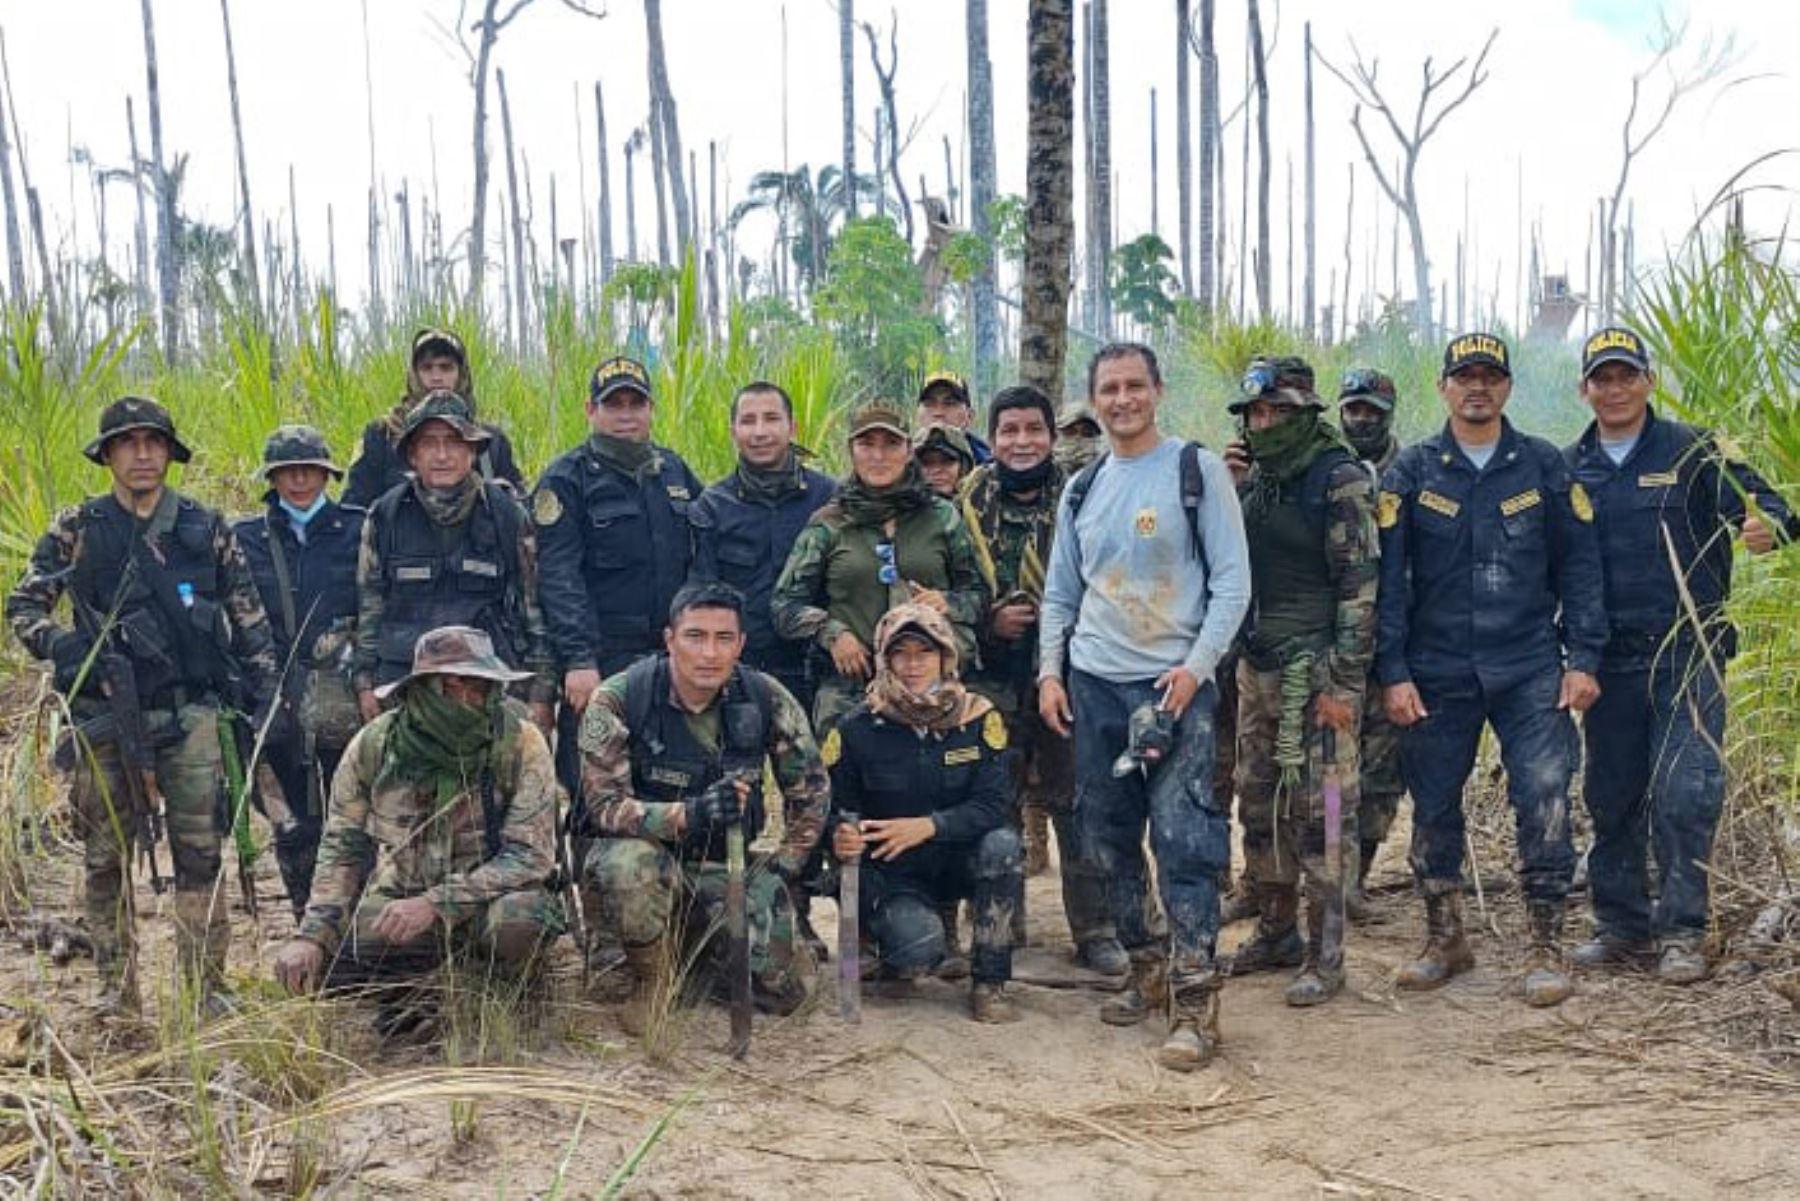 Efectivos policiales del Puesto de Comando Mercurio y de la Base Temporal de Alta Movilidad, ejecutaron un operativo conjunto de interdicción, seguridad contra el delito de minería ilegal y conexos, en la zona de amortiguamiento de la Reserva Nacional Tambopata en Madre de Dios. Foto: Policía Nacional de Perú